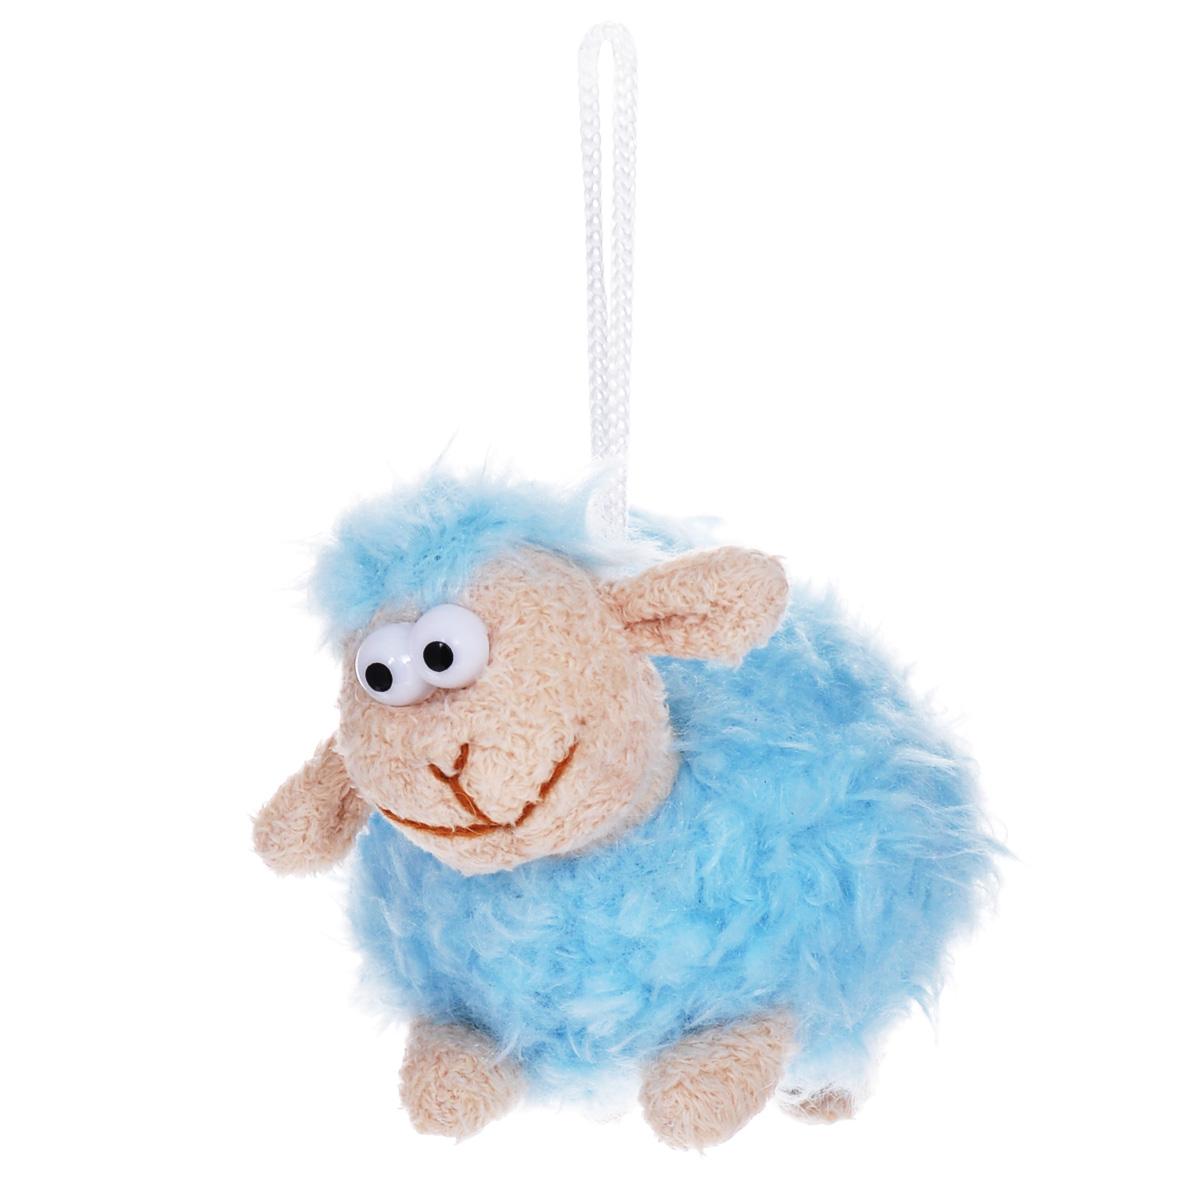 Мягкая игрушка-подвеска Sima-land Овечка, цвет: голубой, 8 см. 332801332801Очаровательная мягкая игрушка-подвеска Sima-land Овечка не оставит вас равнодушным и вызовет улыбку у каждого, кто ее увидит. Игрушка выполнена из искусственного меха и текстиля в виде забавной овечки с выпуклыми глазами. К игрушке прикреплена текстильная петелька для подвешивания. Мягкая и приятная на ощупь игрушка станет замечательным подарком, который вызовет массу положительных эмоций. Размер игрушки: 115 мм х 70 мм х 80 мм.